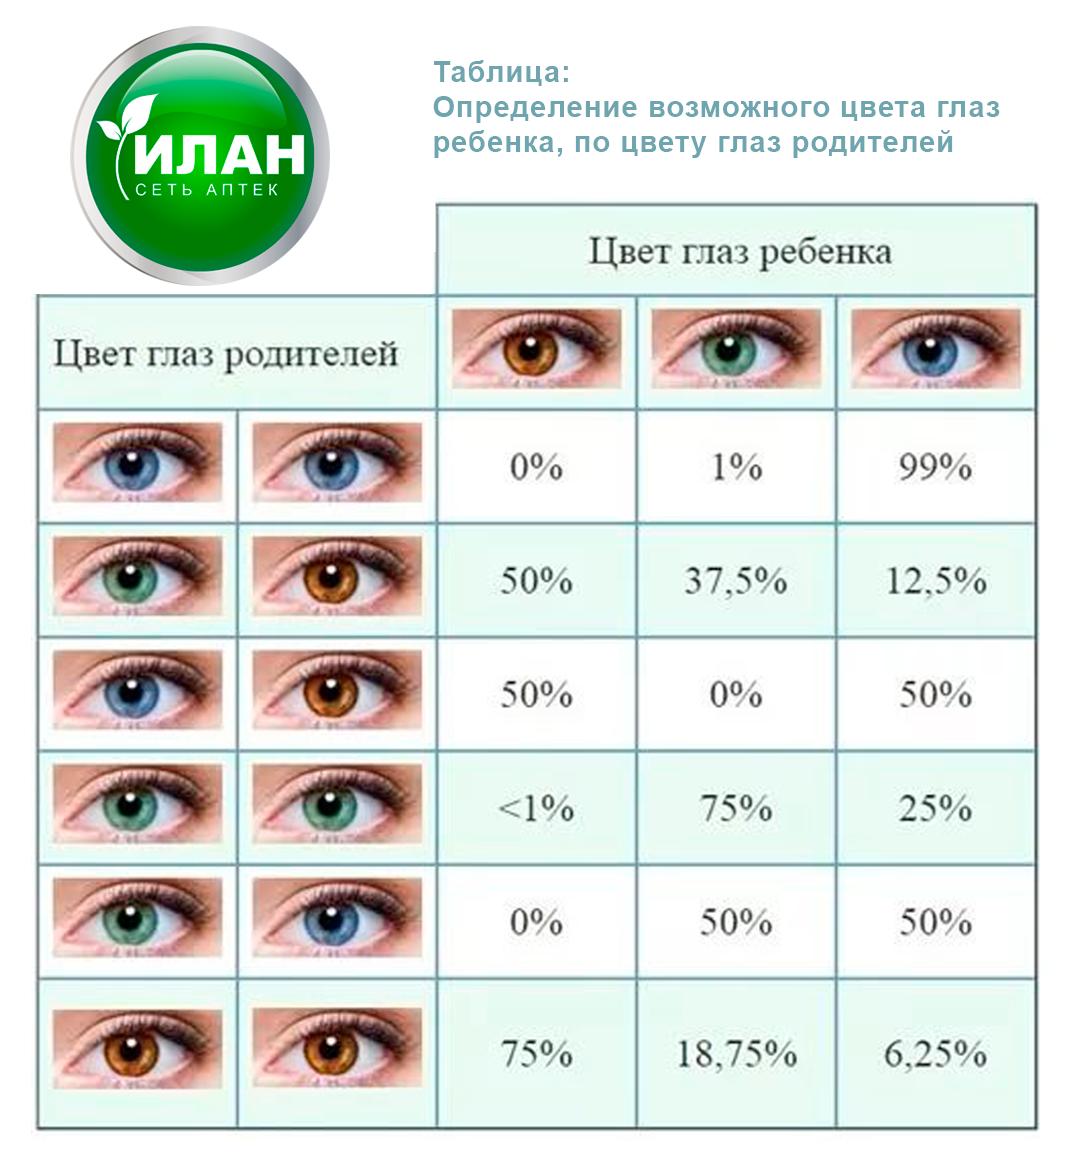 Цвет глаз у ребенка от родителей: таблица вероятности у новорожденных -  от чего зависит, как наследуется и до какого возраста меняется